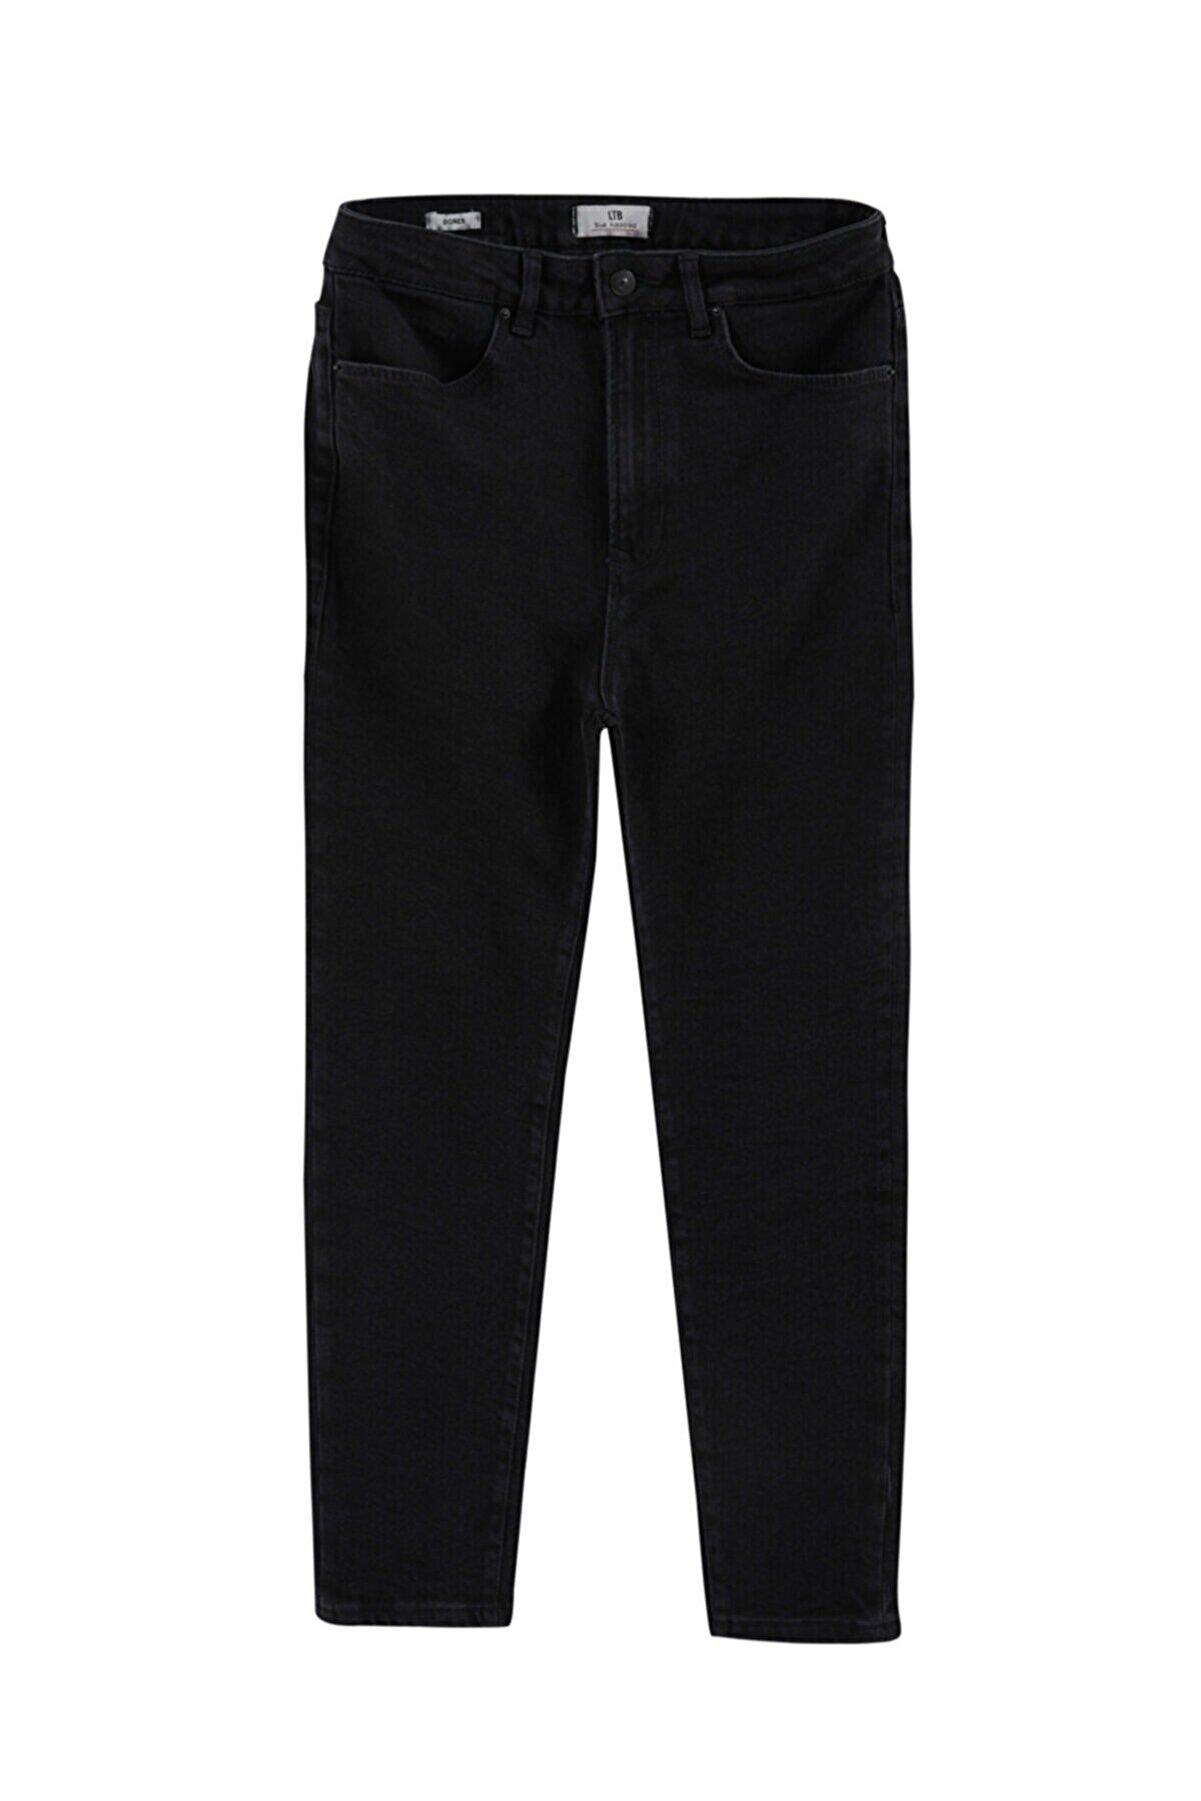 Ltb Dores Black Wash Pantolon